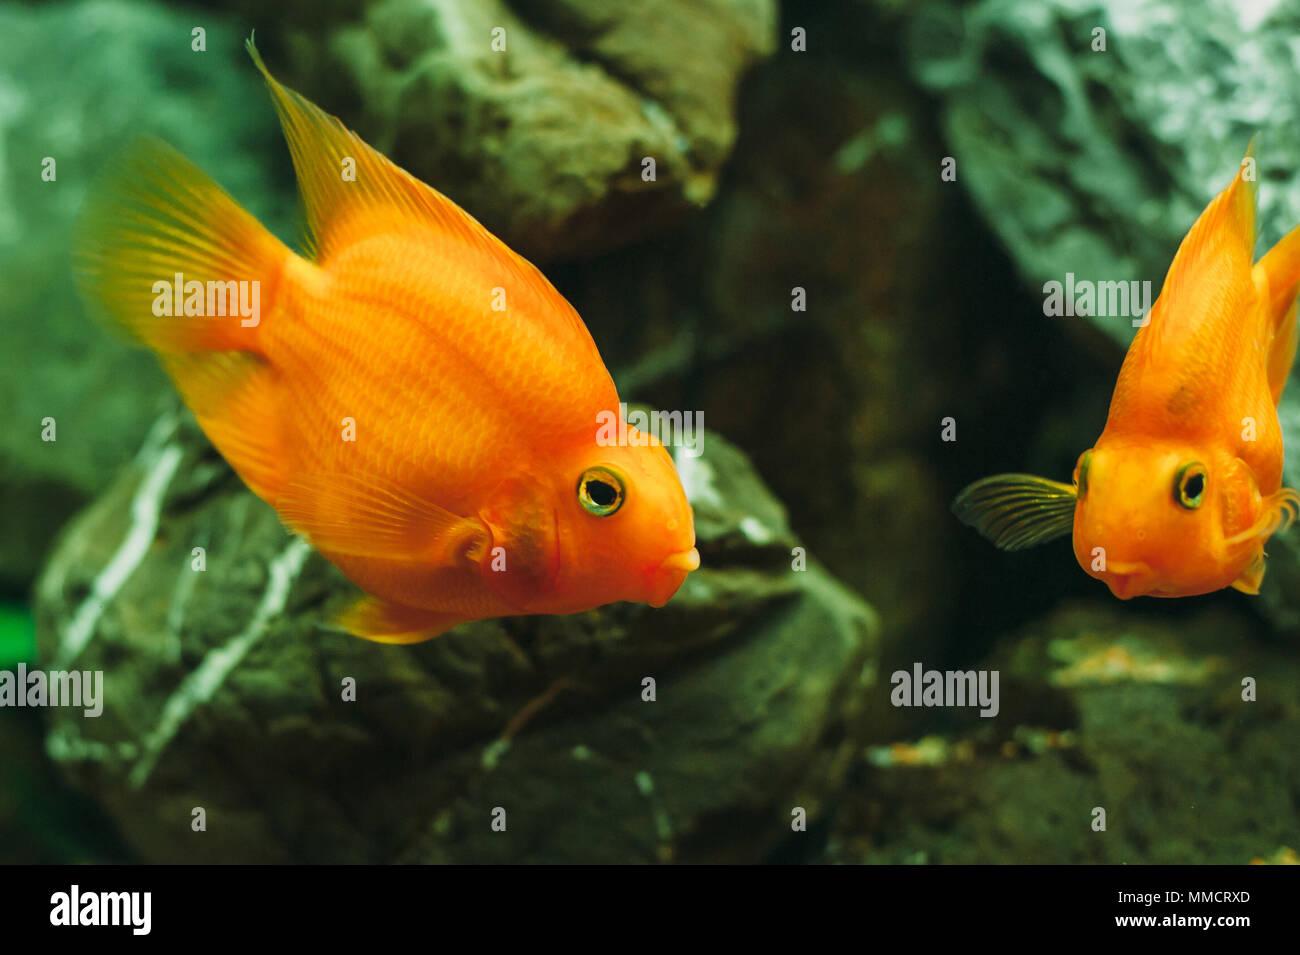 aquarium fish red parrot cichlid stock photo 184678997 alamy